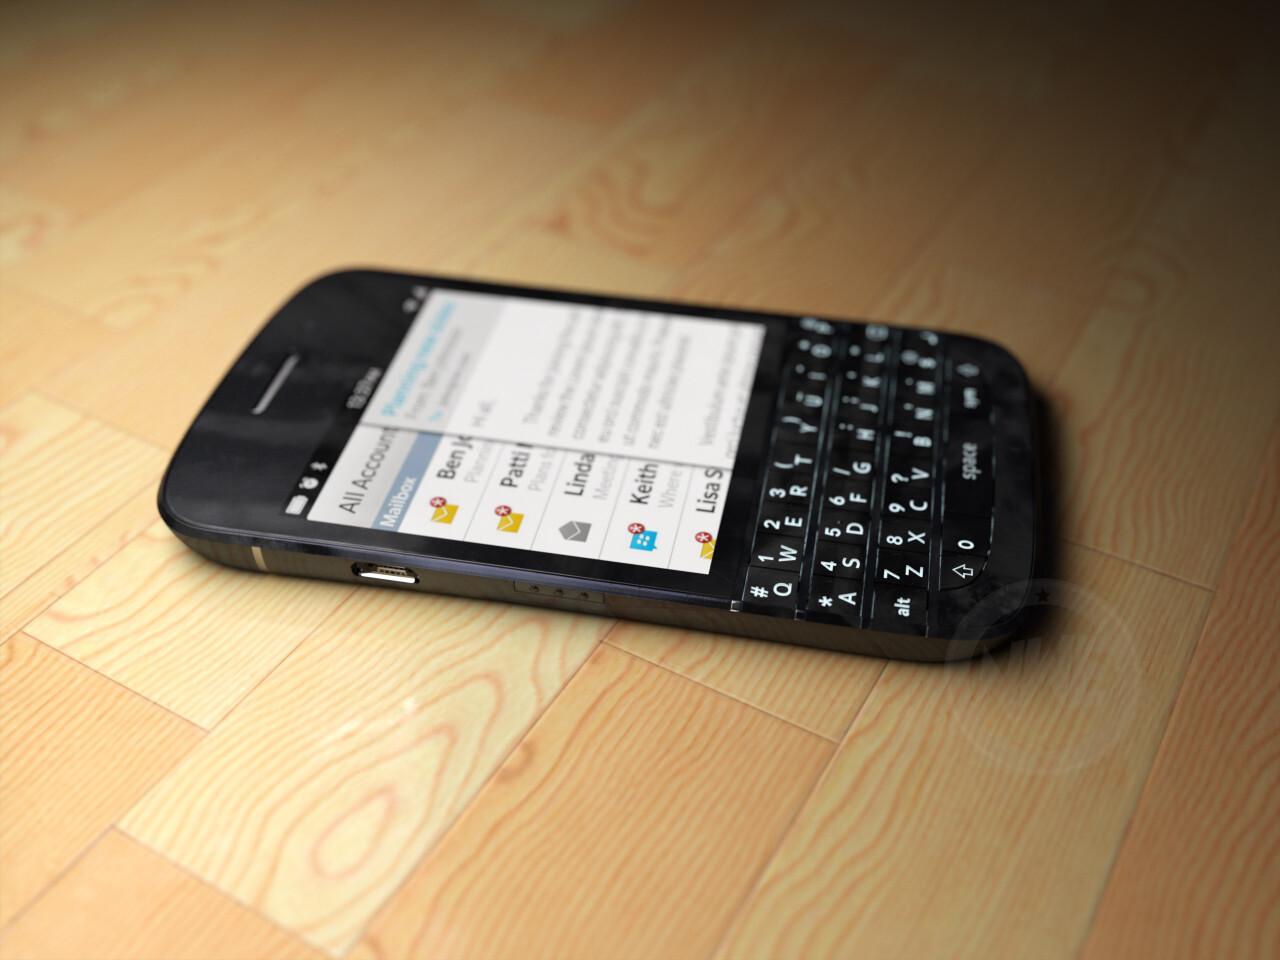 blackberry x10 phone price